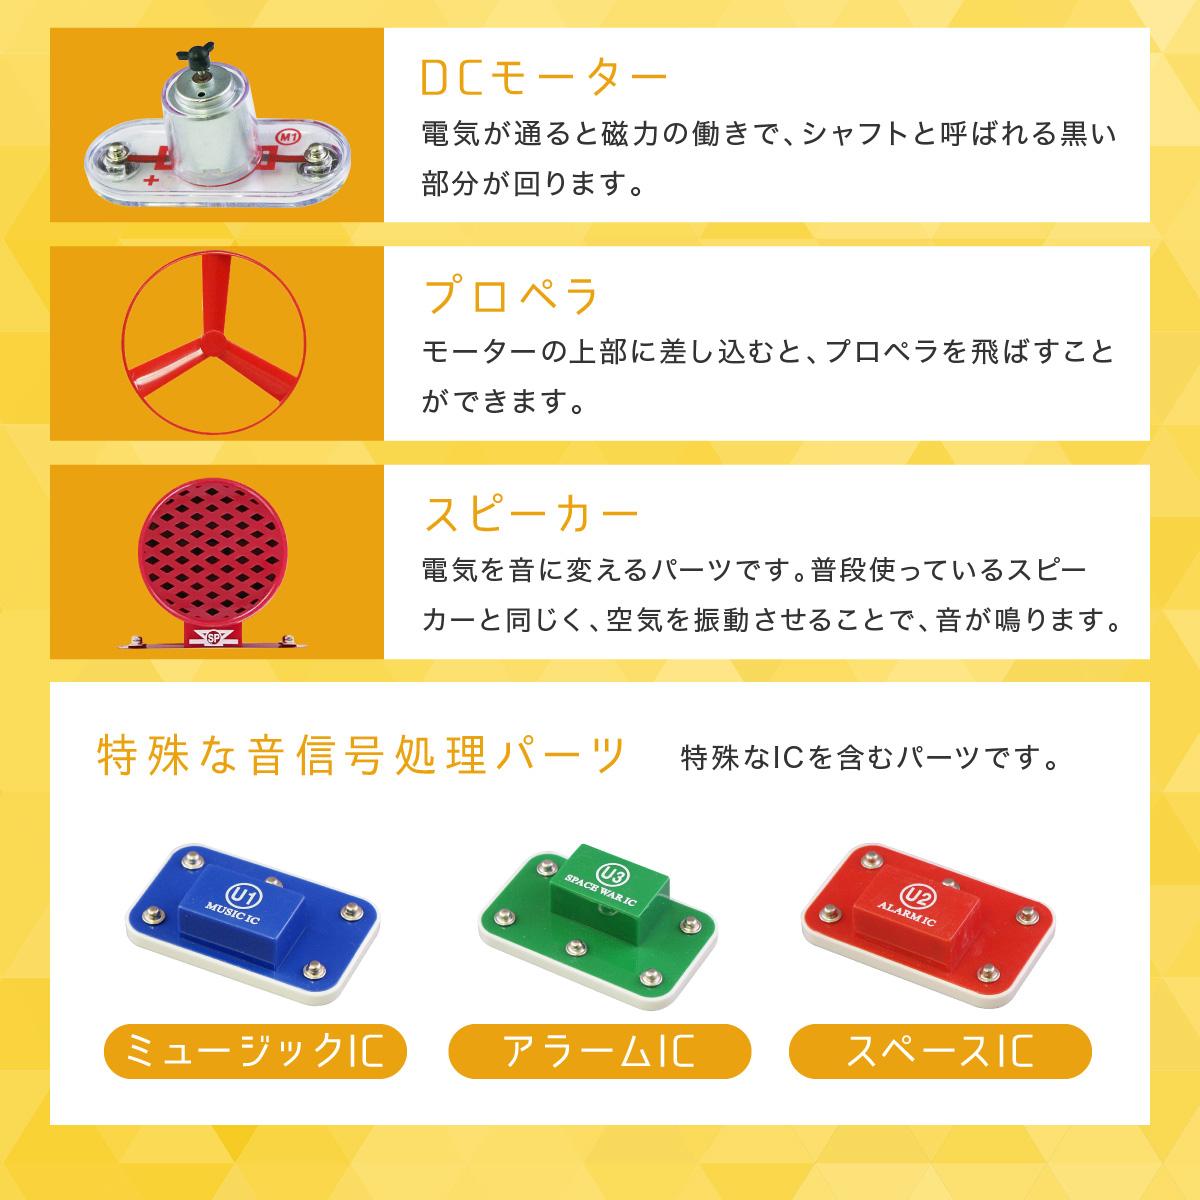 【正規品】 知育玩具 おもちゃ 電脳サーキット 300 電子回路が学べる 電子ブロック 子供 電子玩具 科学 実験 回路パズル